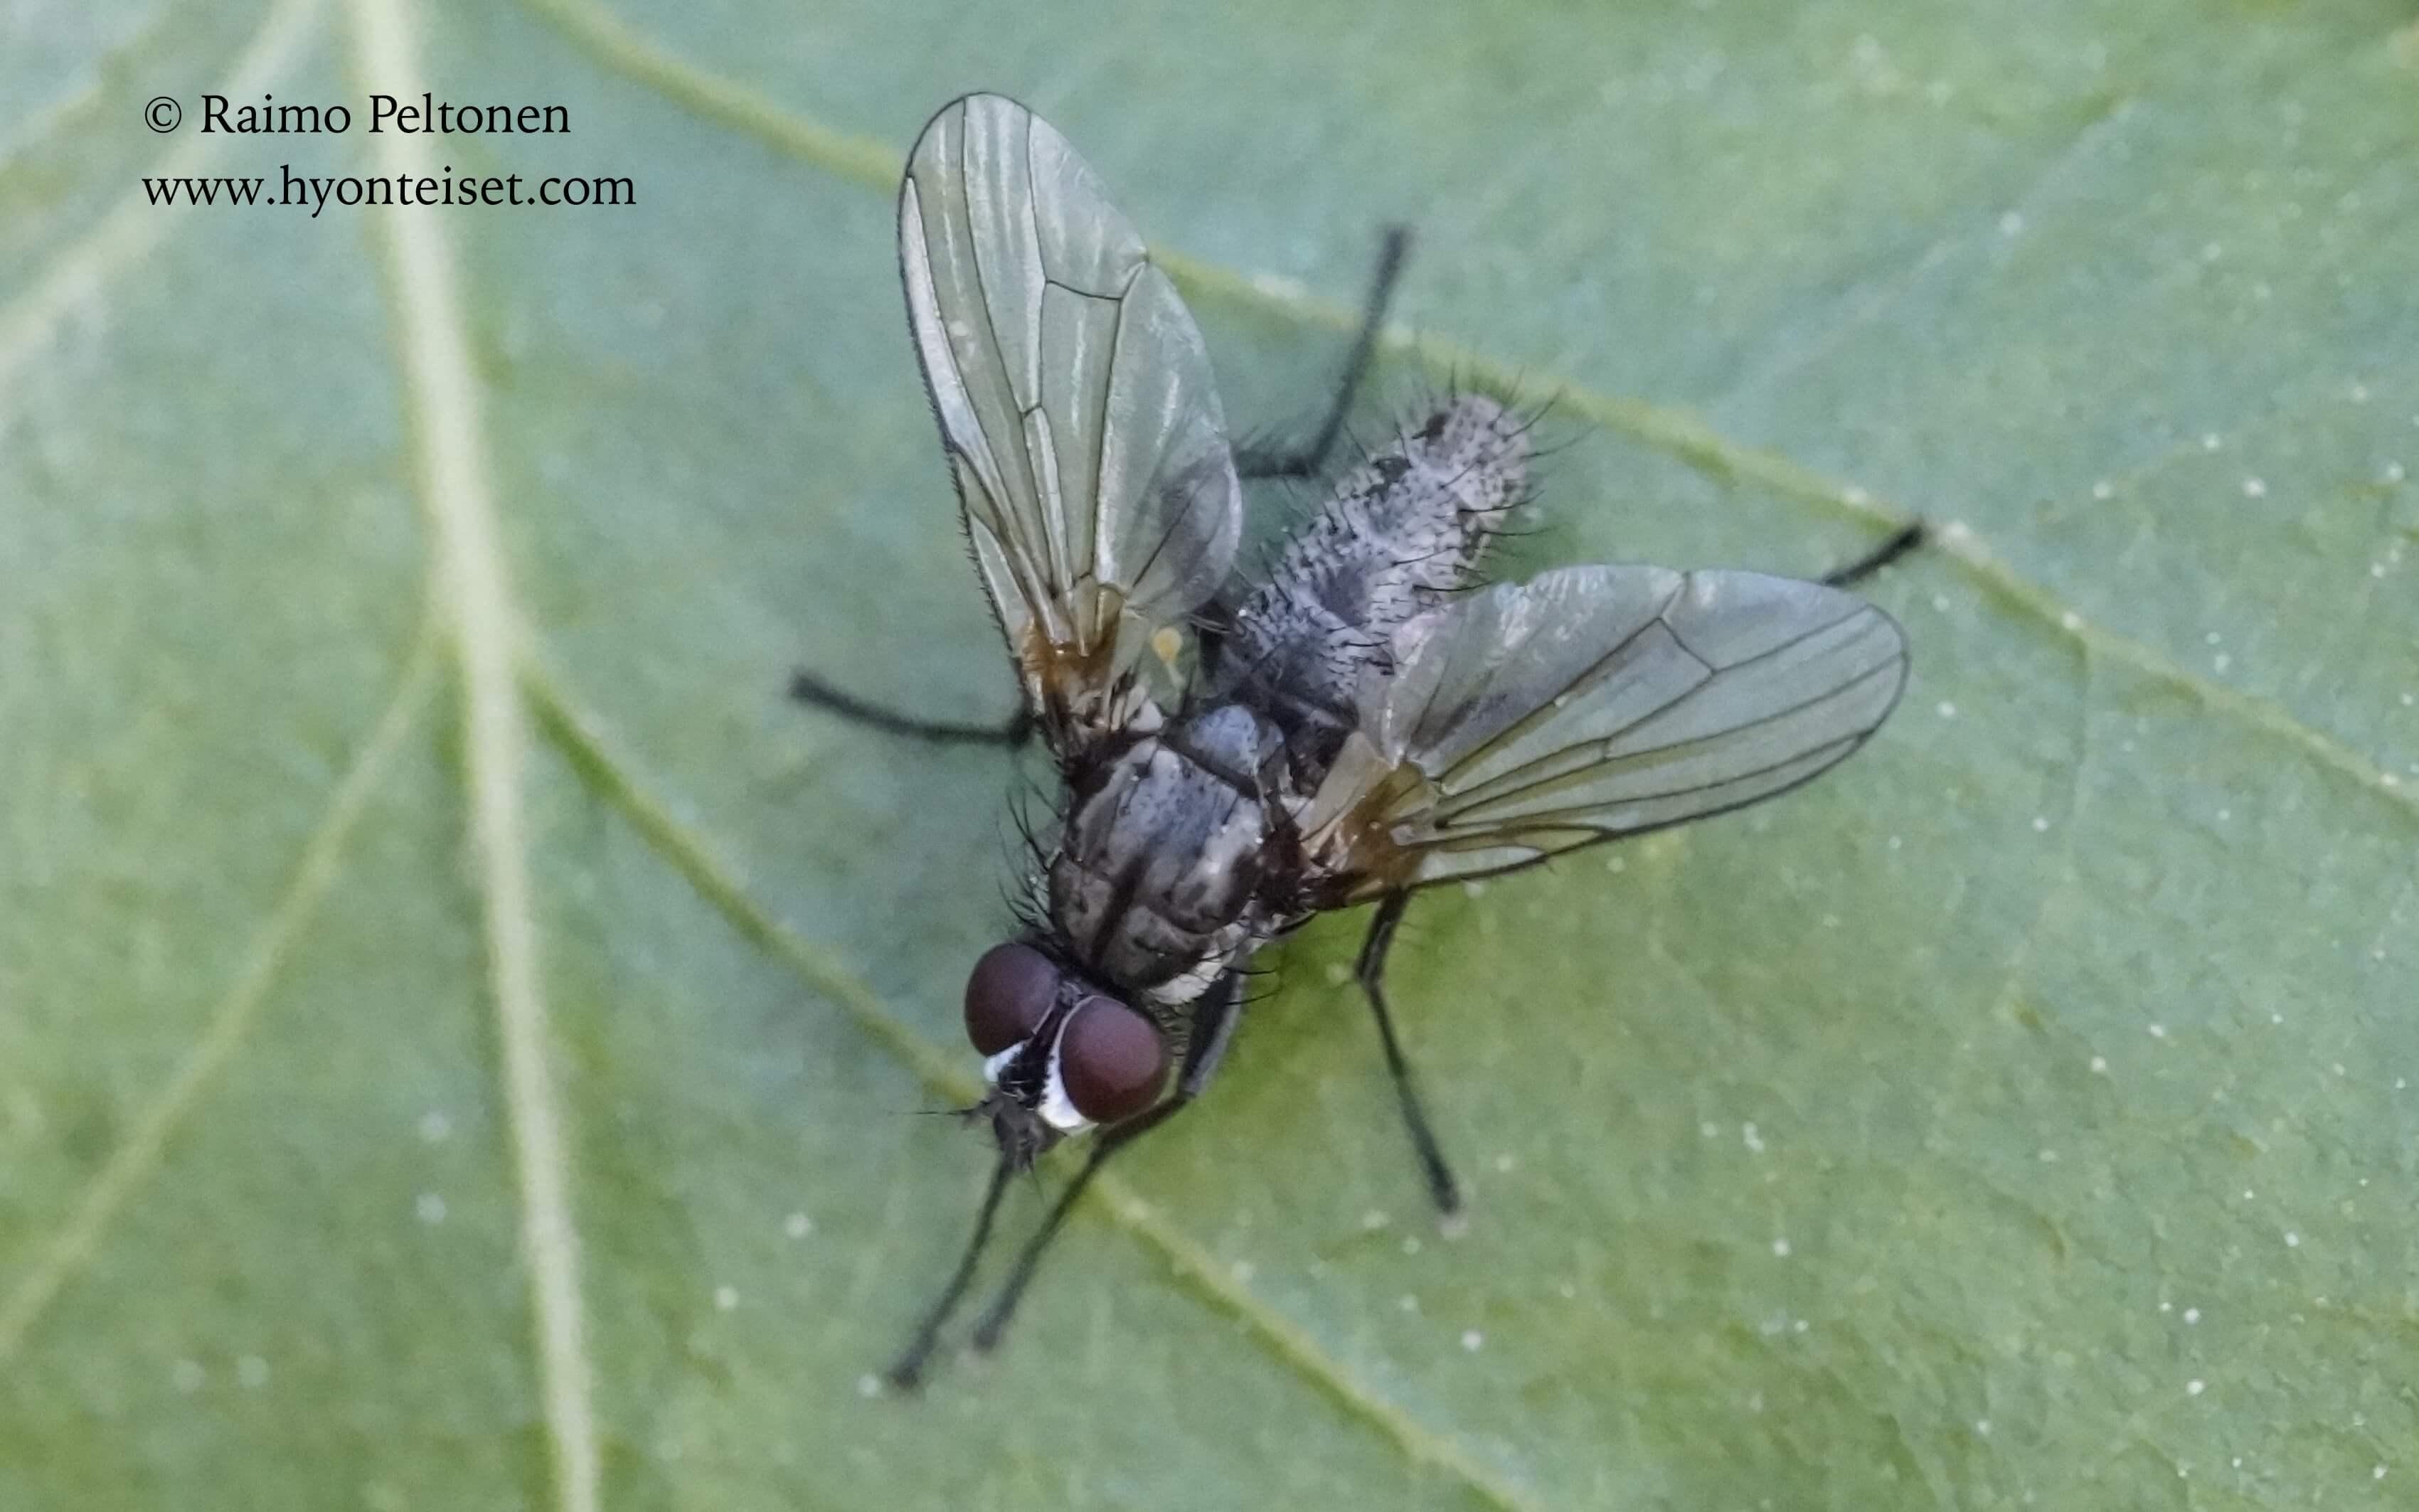 cf. Botanophila striolata (det. Johanna van Erkelens), 21.6.2017 Jyväskylä